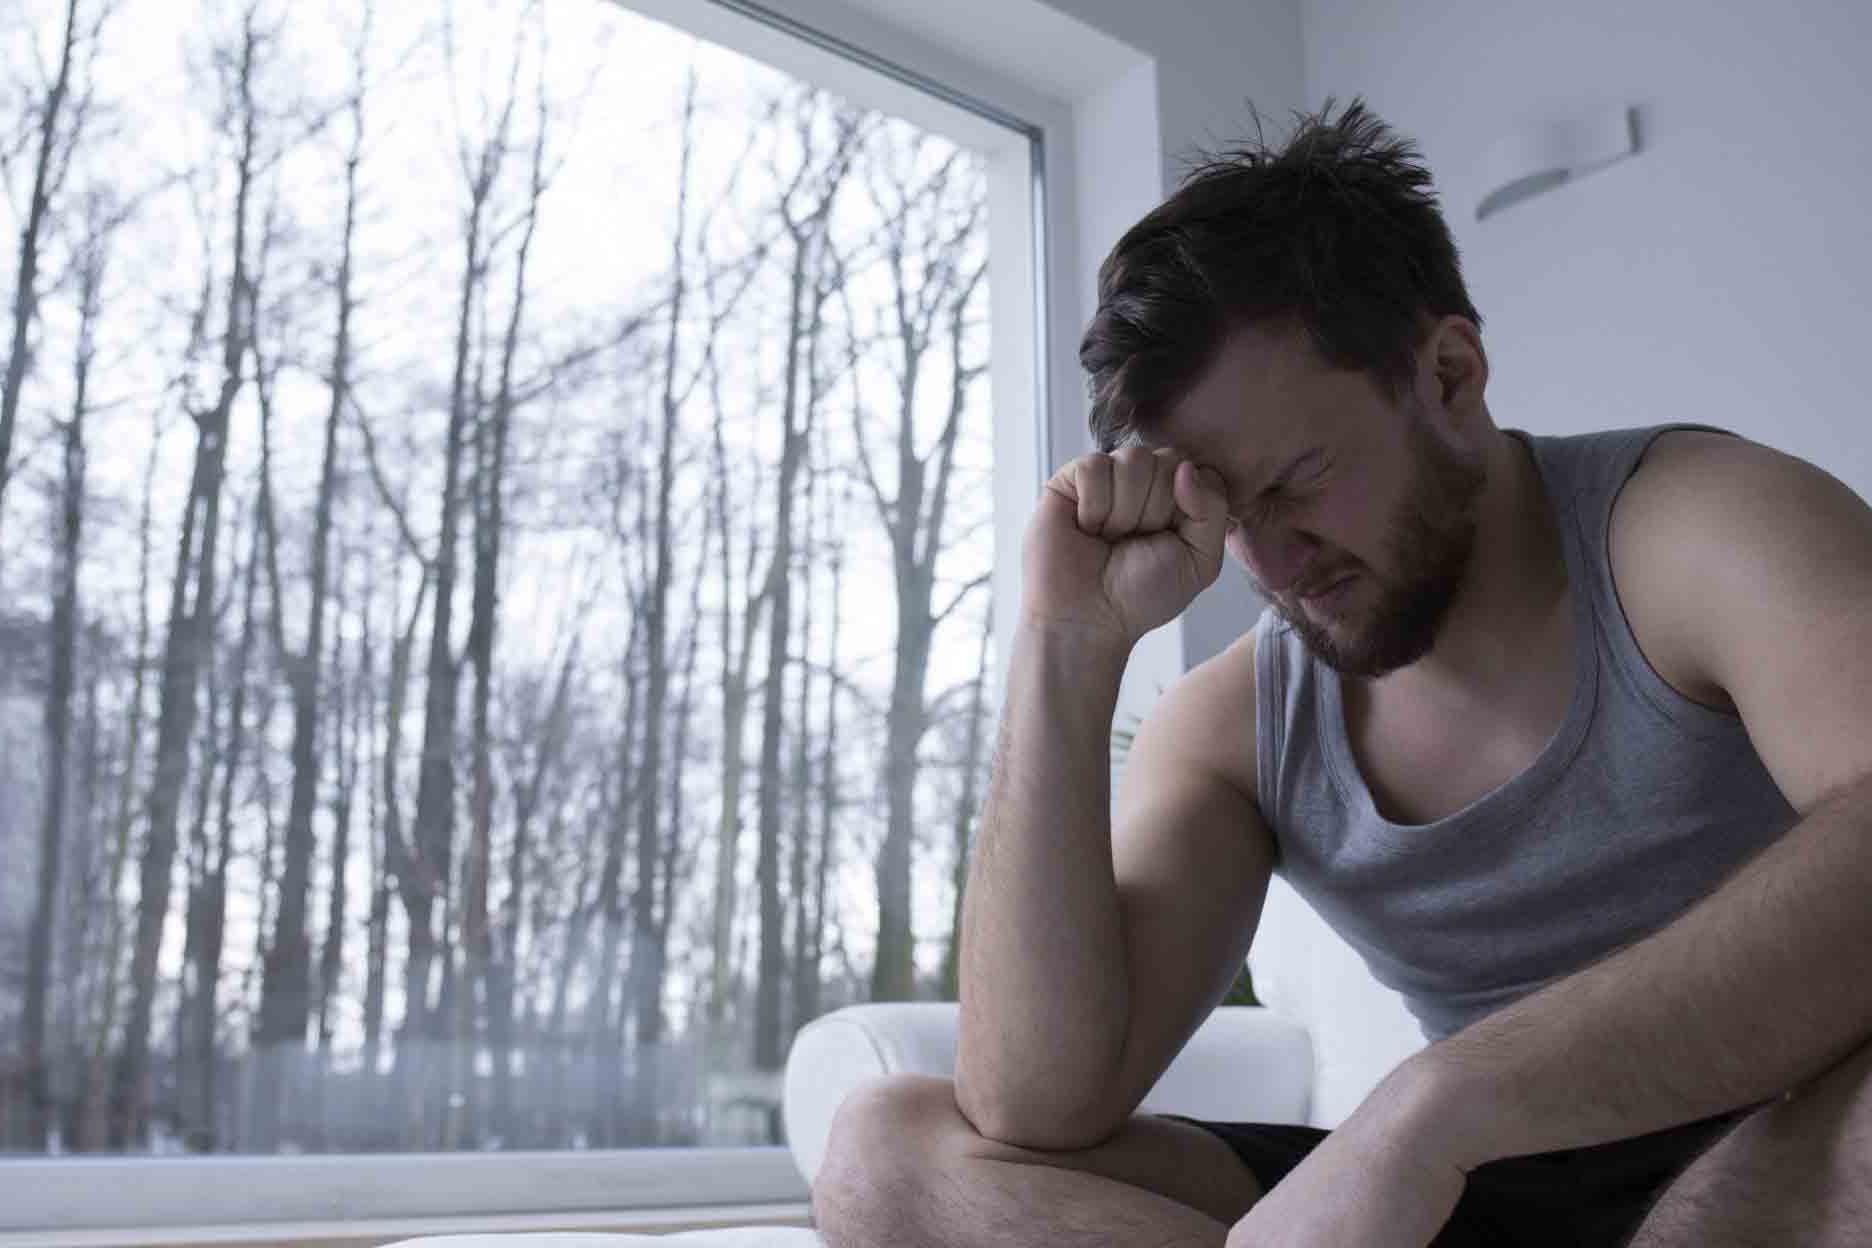 El 40,90% de la población en 2020 señala estar más irascible como consecuencia del estrés